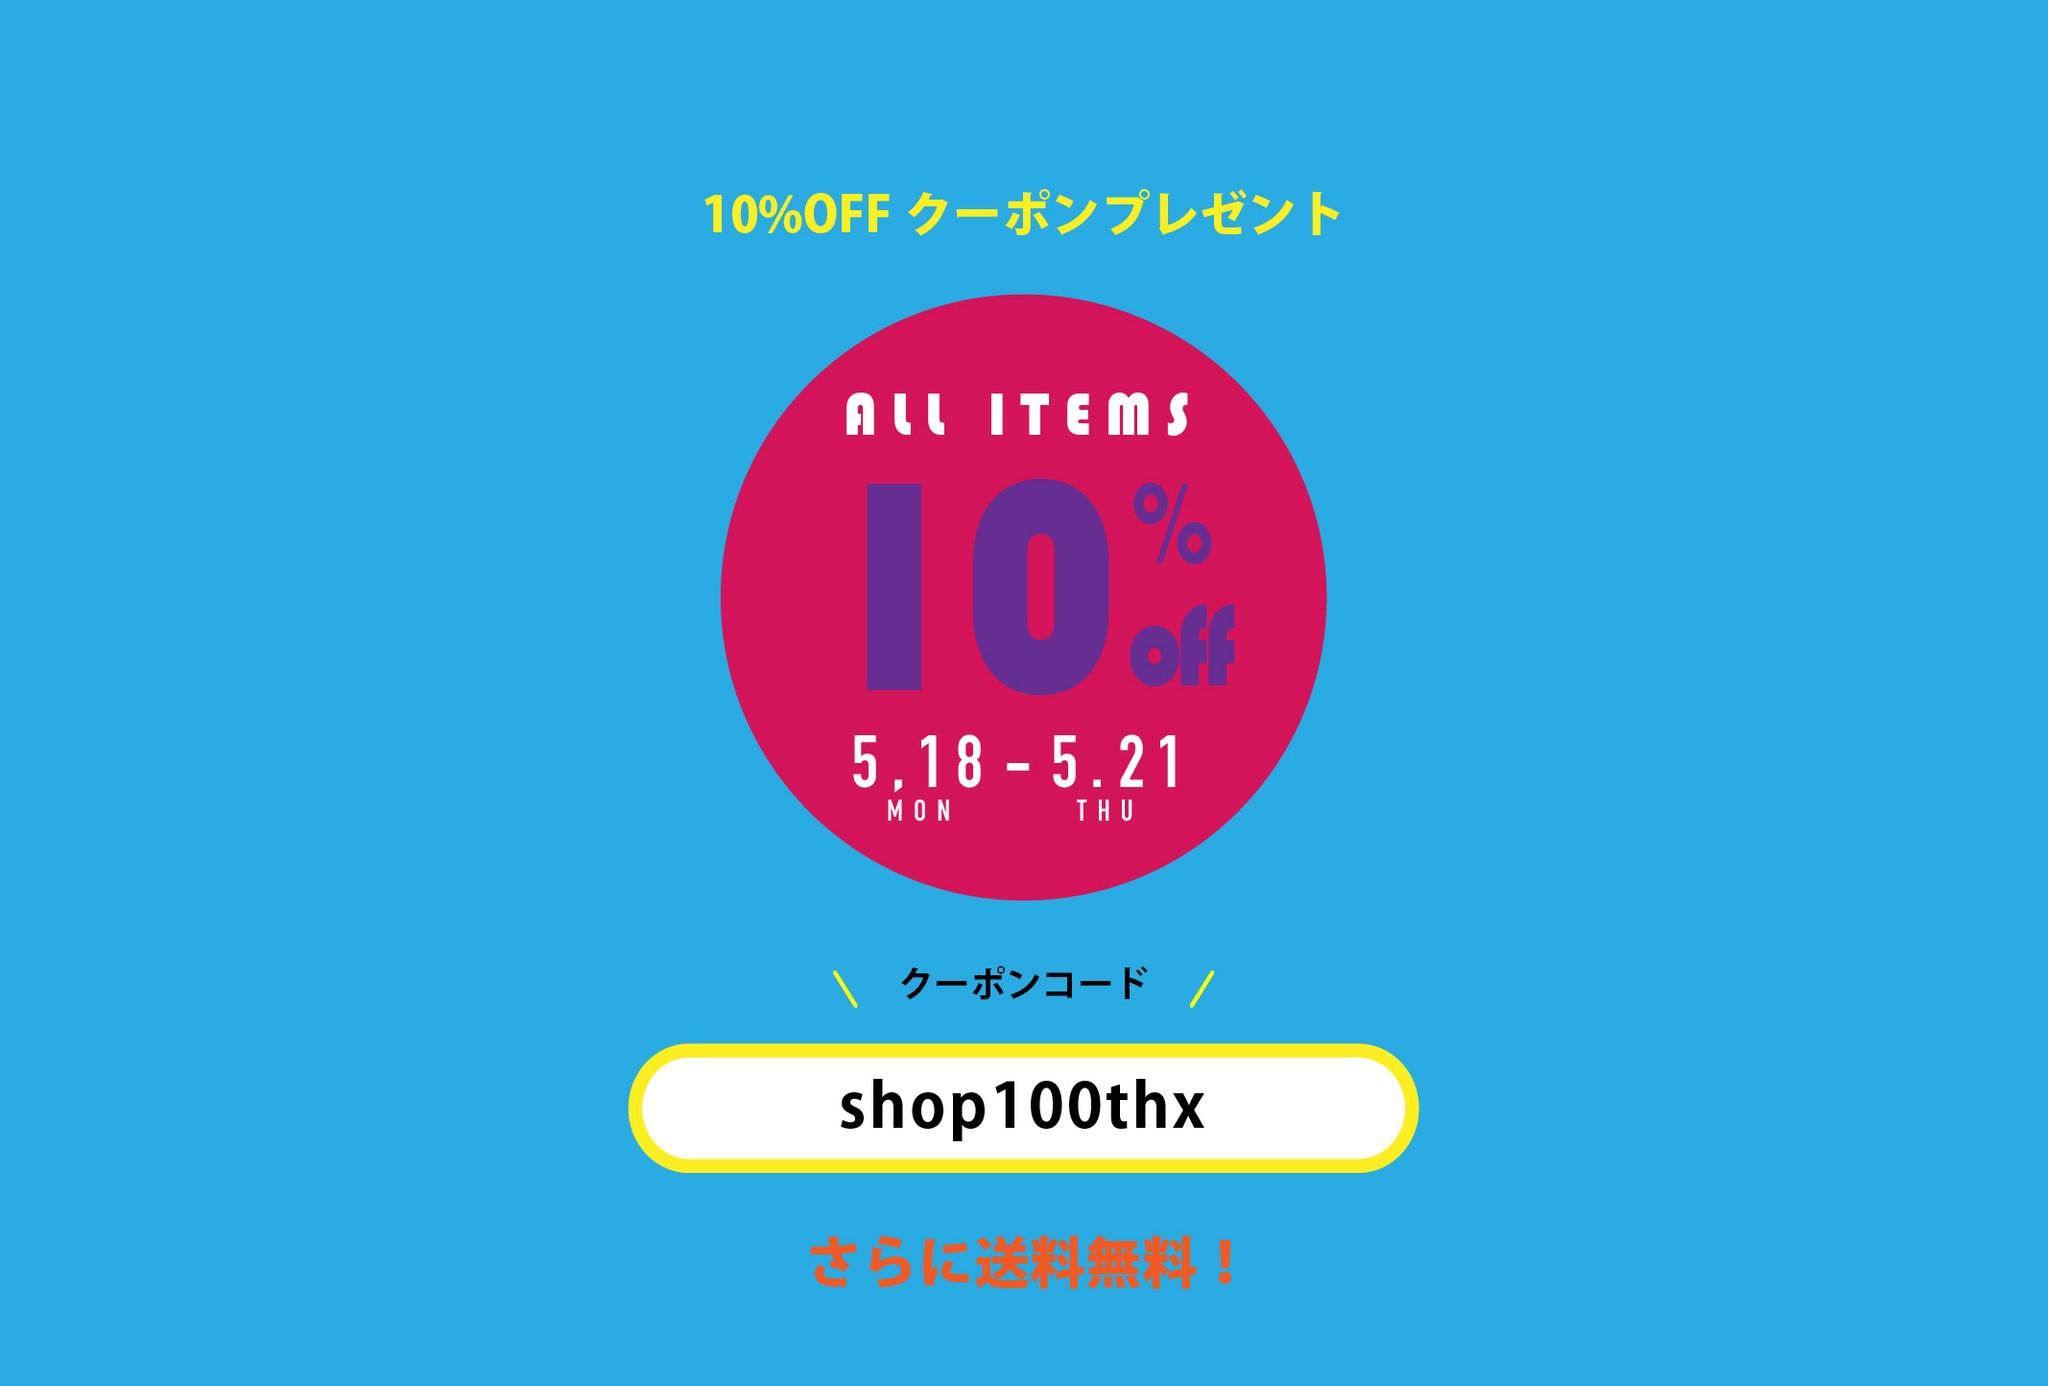 全品10%OFF ショッピングクーポンプレゼント!